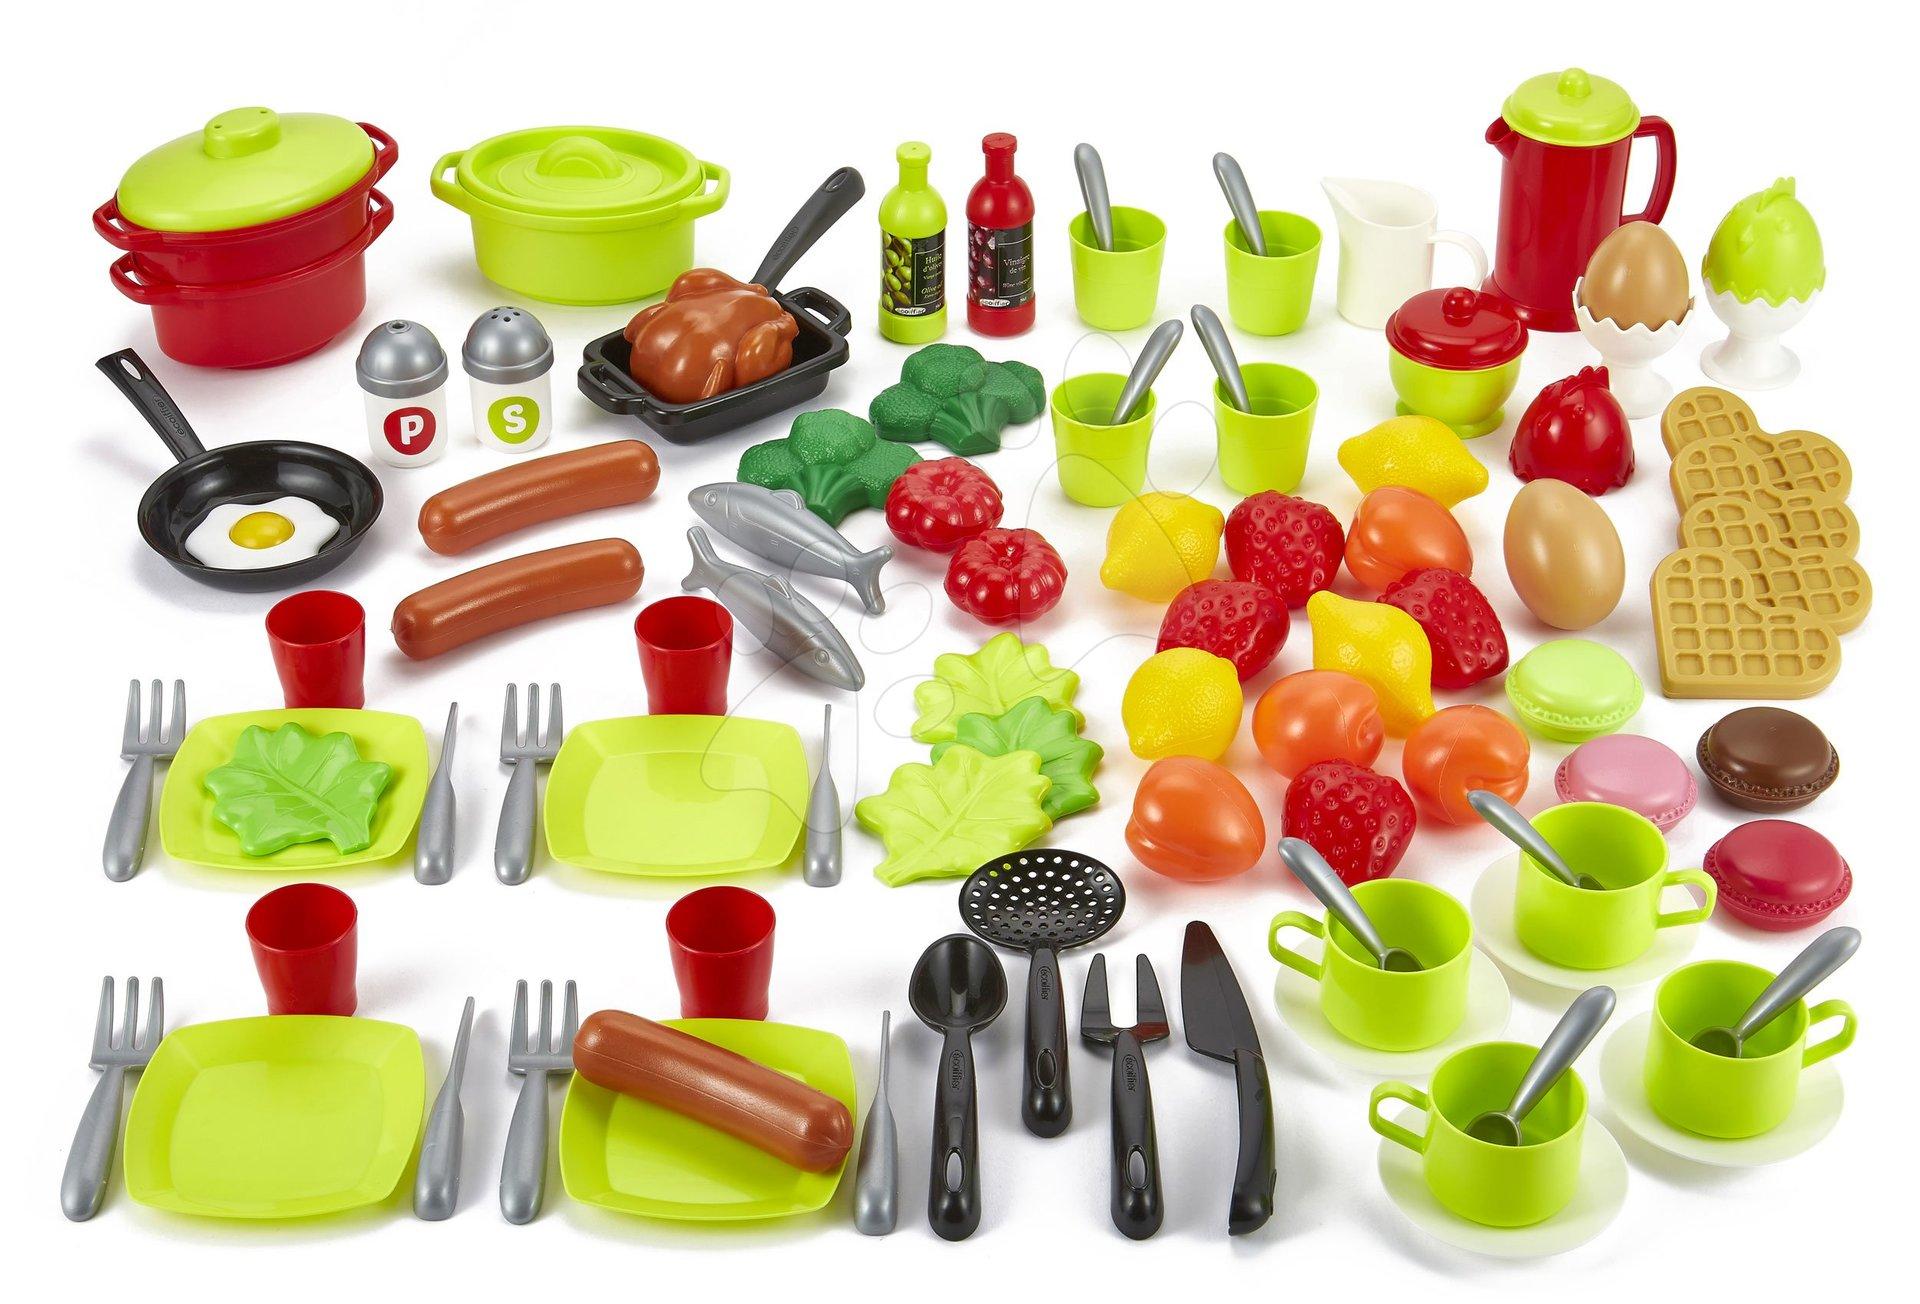 Doplnky na varenie do kuchynky 100% Chef Écoiffier 100-dielna súprava ovocia, zeleniny a potraviny s riadom od 18 mesiacov